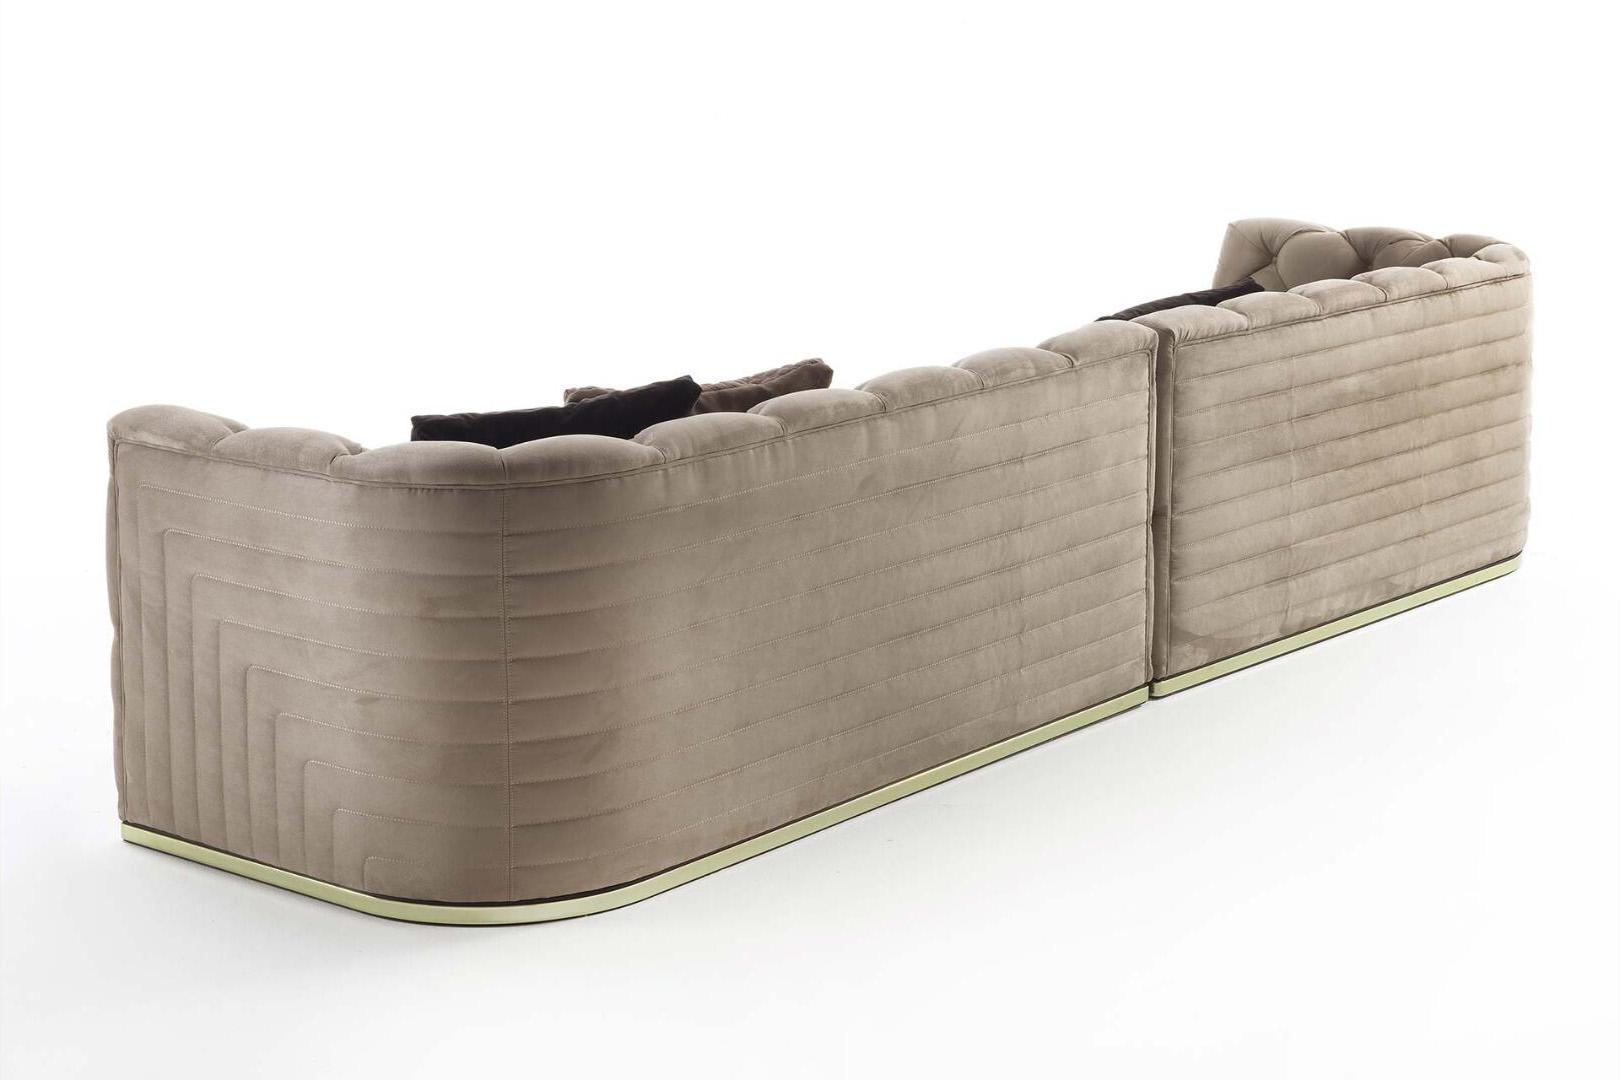 客厅|沙发|创意家具|现代家居|时尚家具|设计师家具|优选轻奢三人沙发